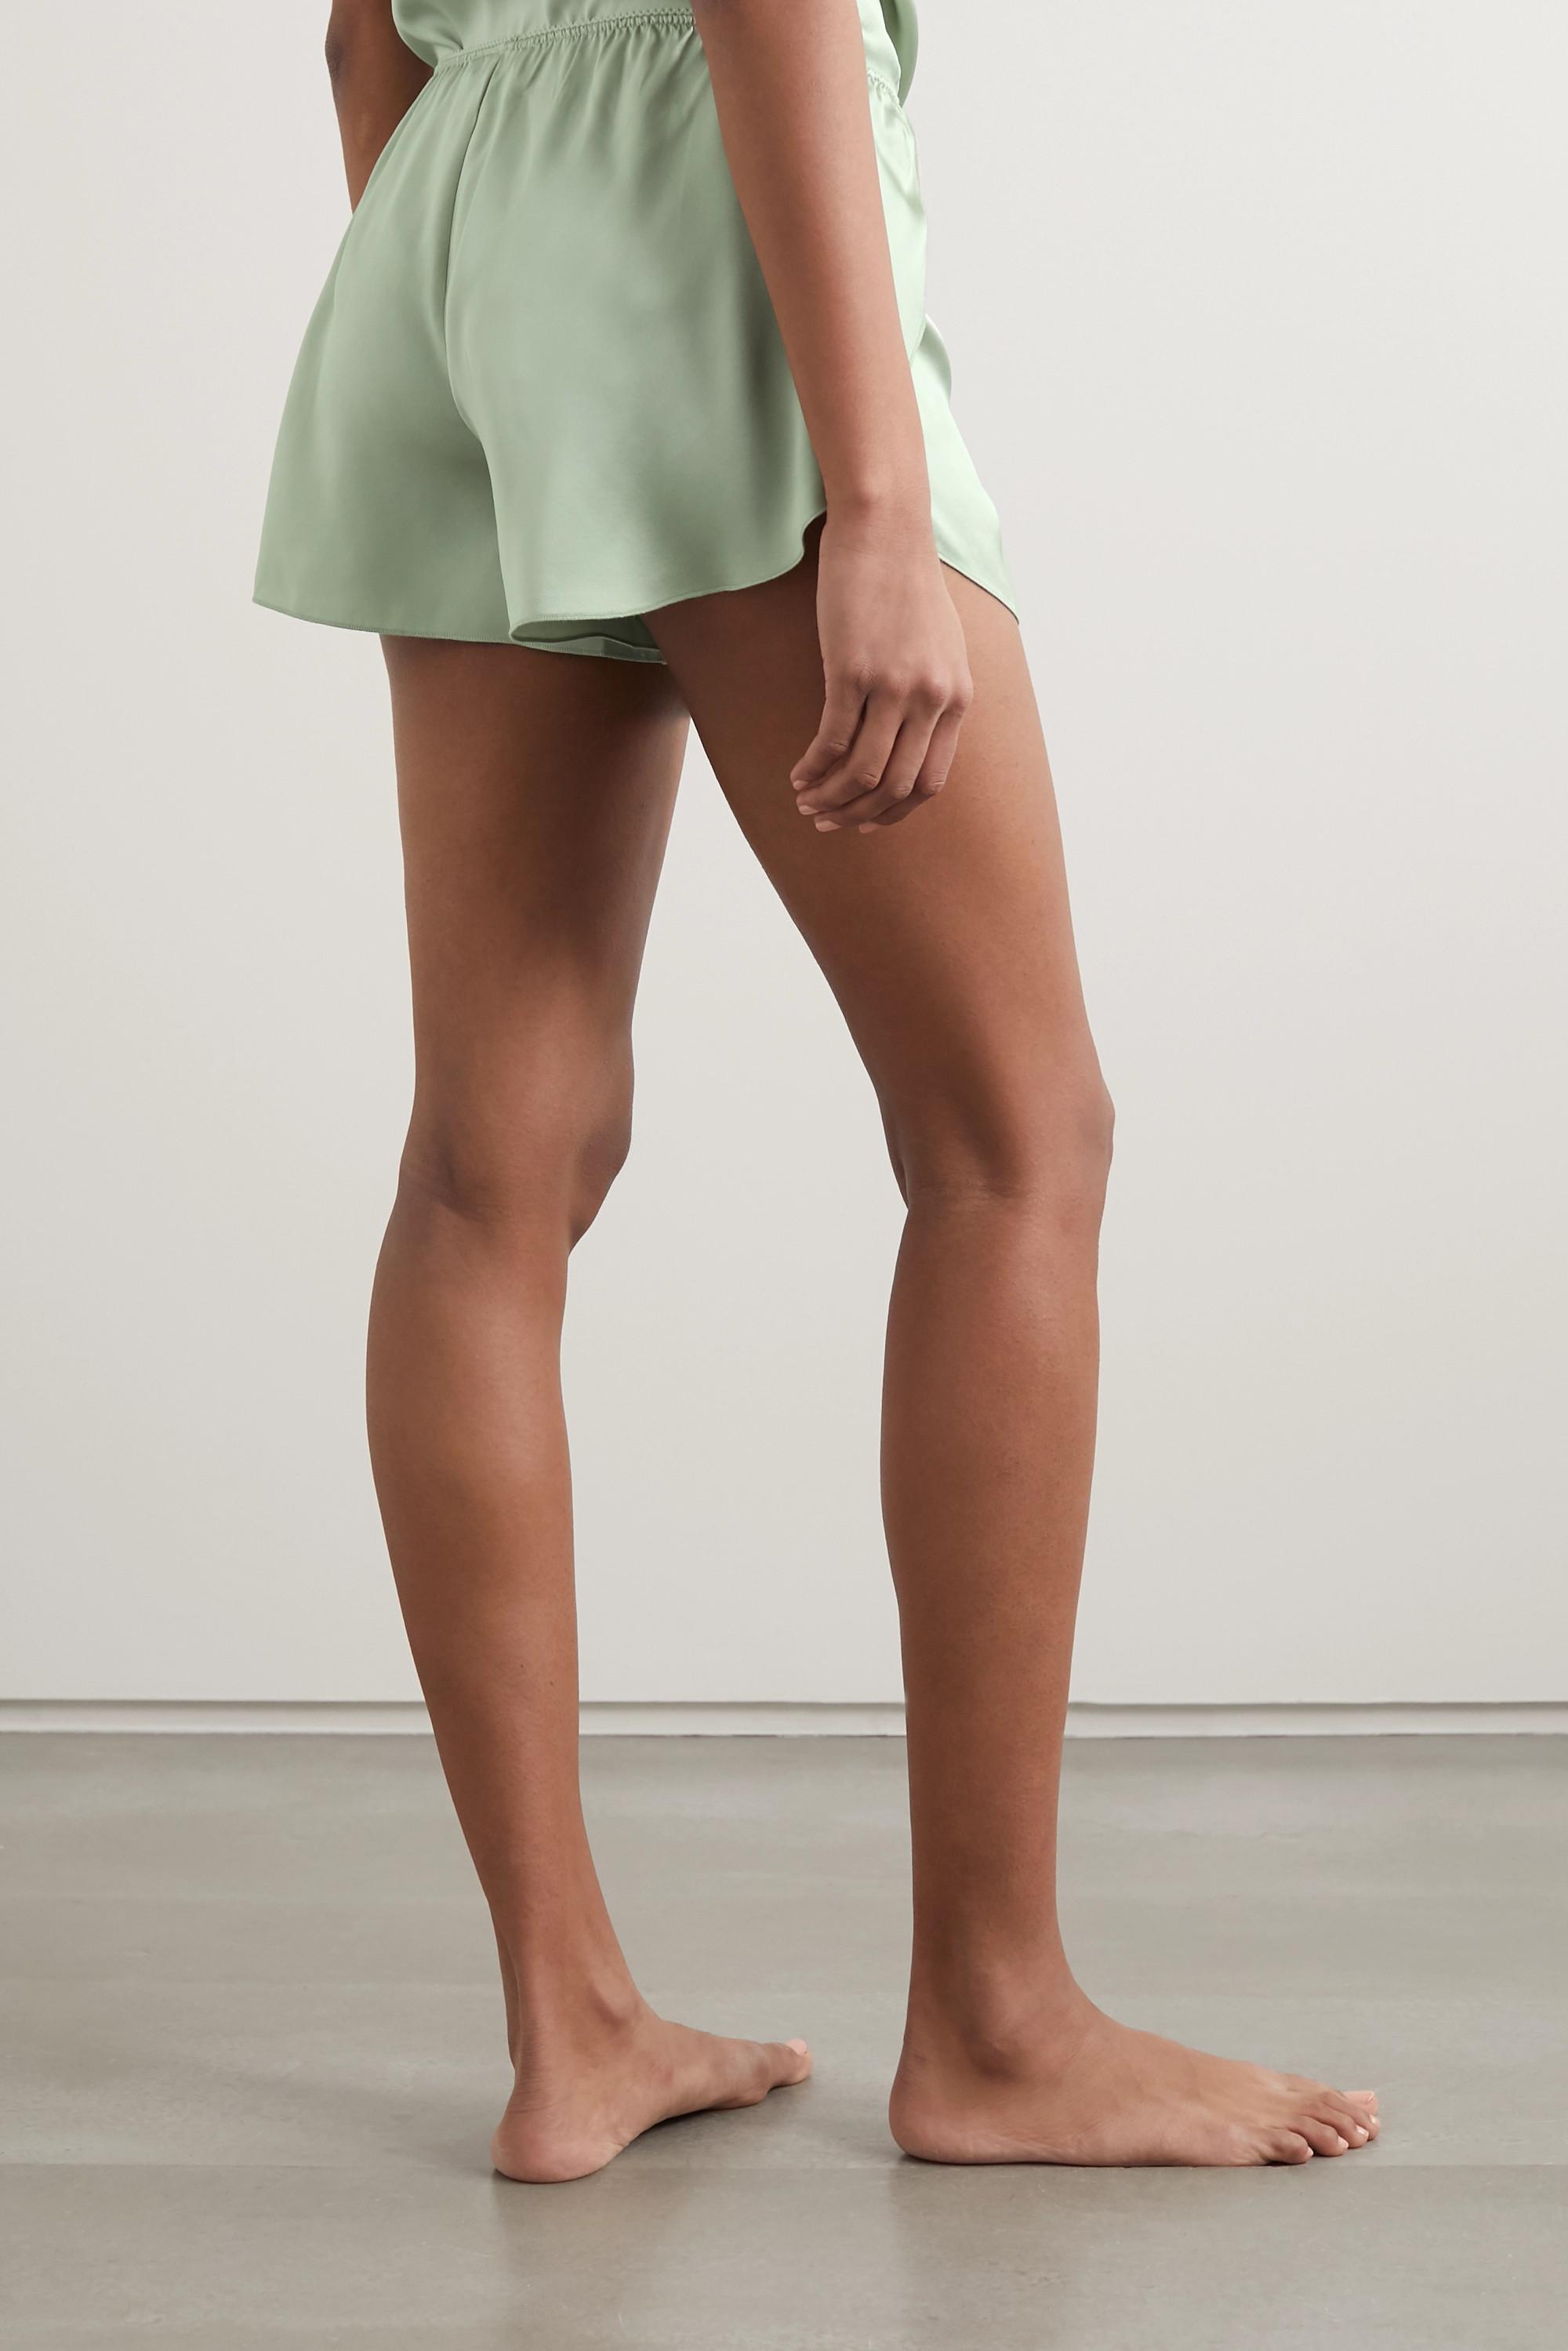 Anine Bing Jade 丝缎短睡裤